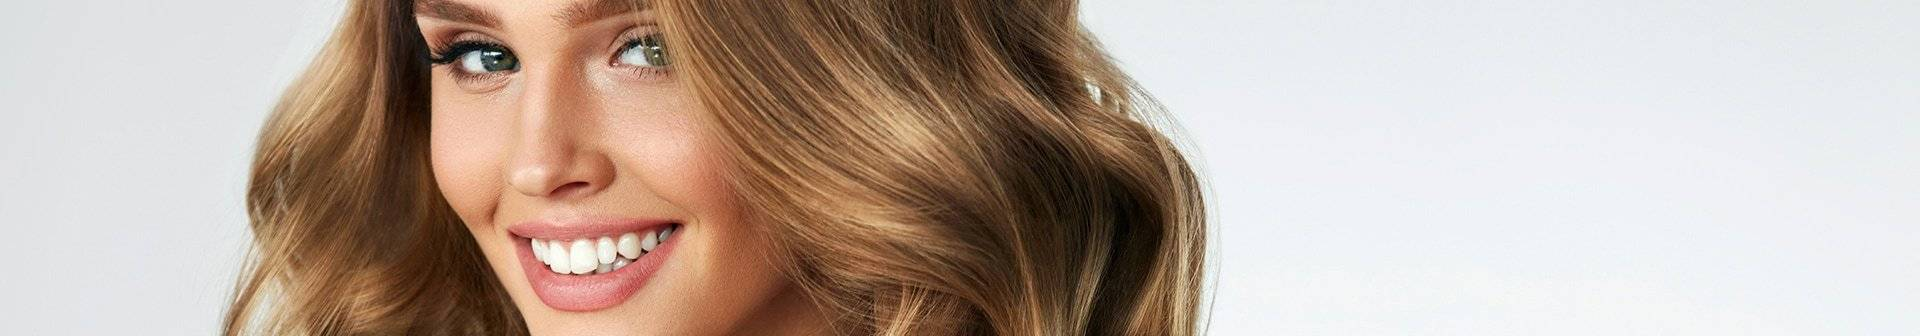 Die richtige Pflege für permanente Haarfarbe │Garnier